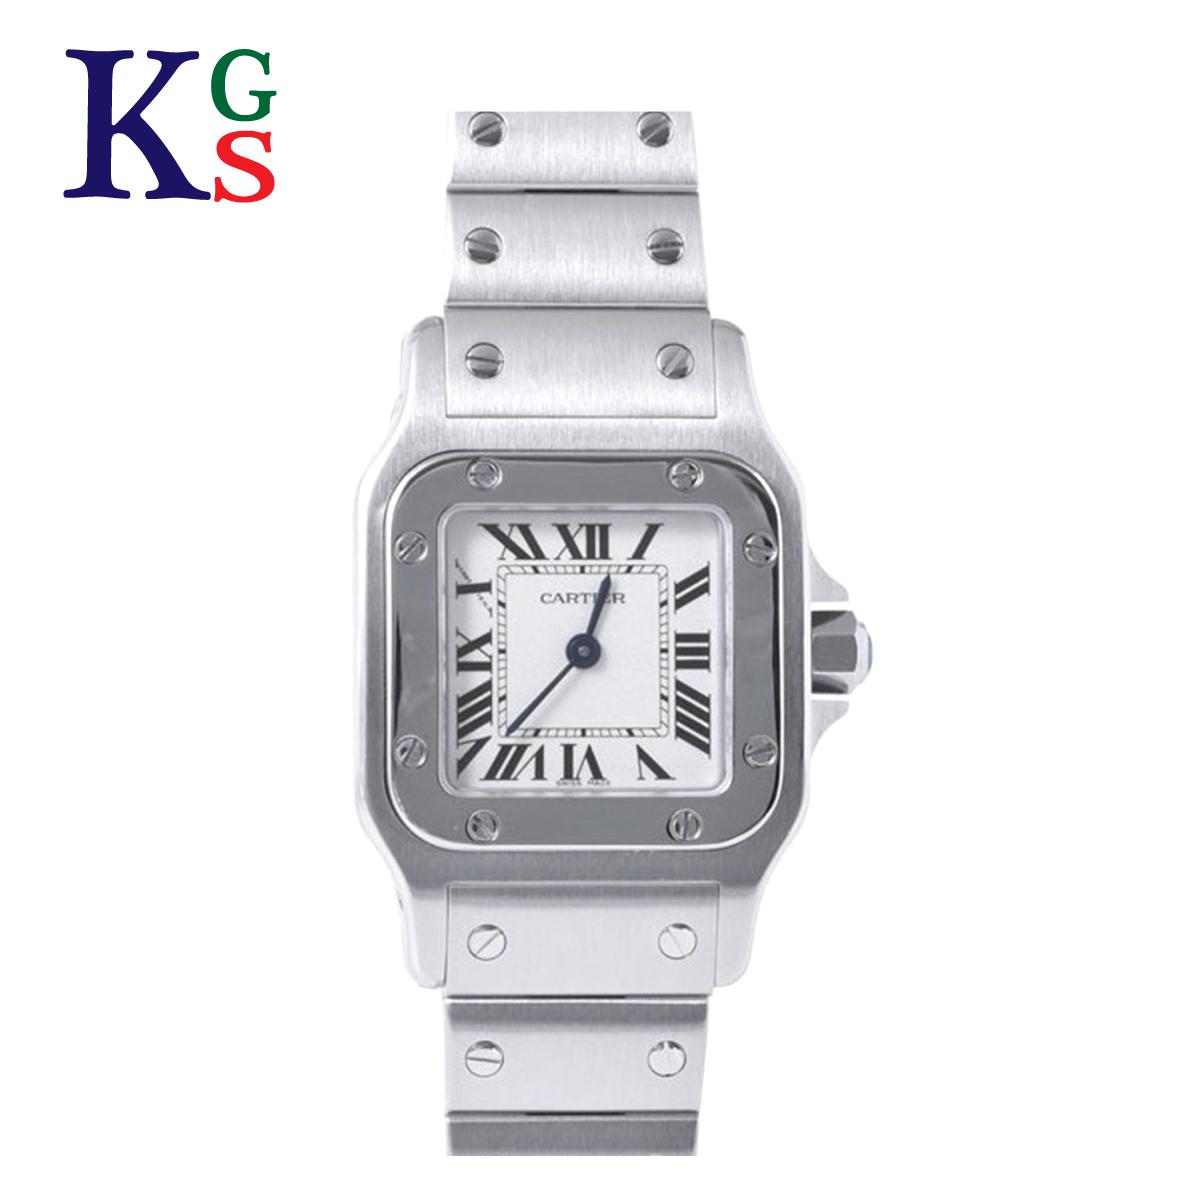 【ギフト品質】カルティエ/Cartier レディース 腕時計 サントスガルべSM ホワイト文字盤 ステンレススチール クオーツ W20056D6